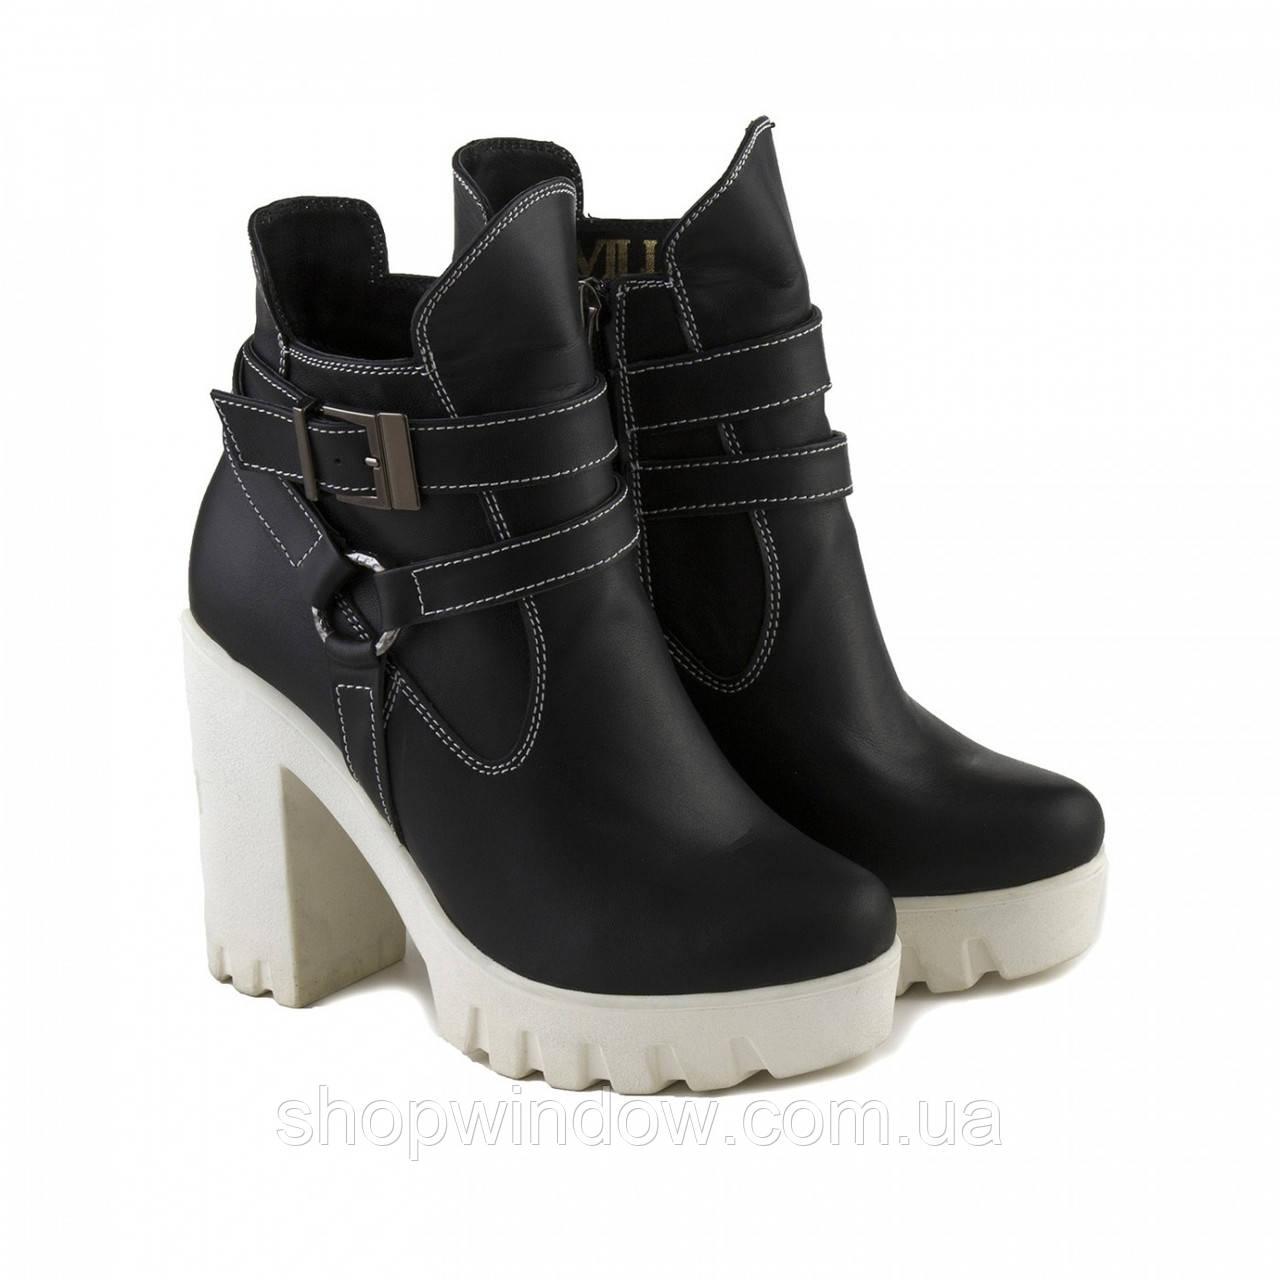 47dfe419f Женска обувь из натуральной кожи. Модные осенние ботильоны. Женские  ботильоны. Обувь женская осень